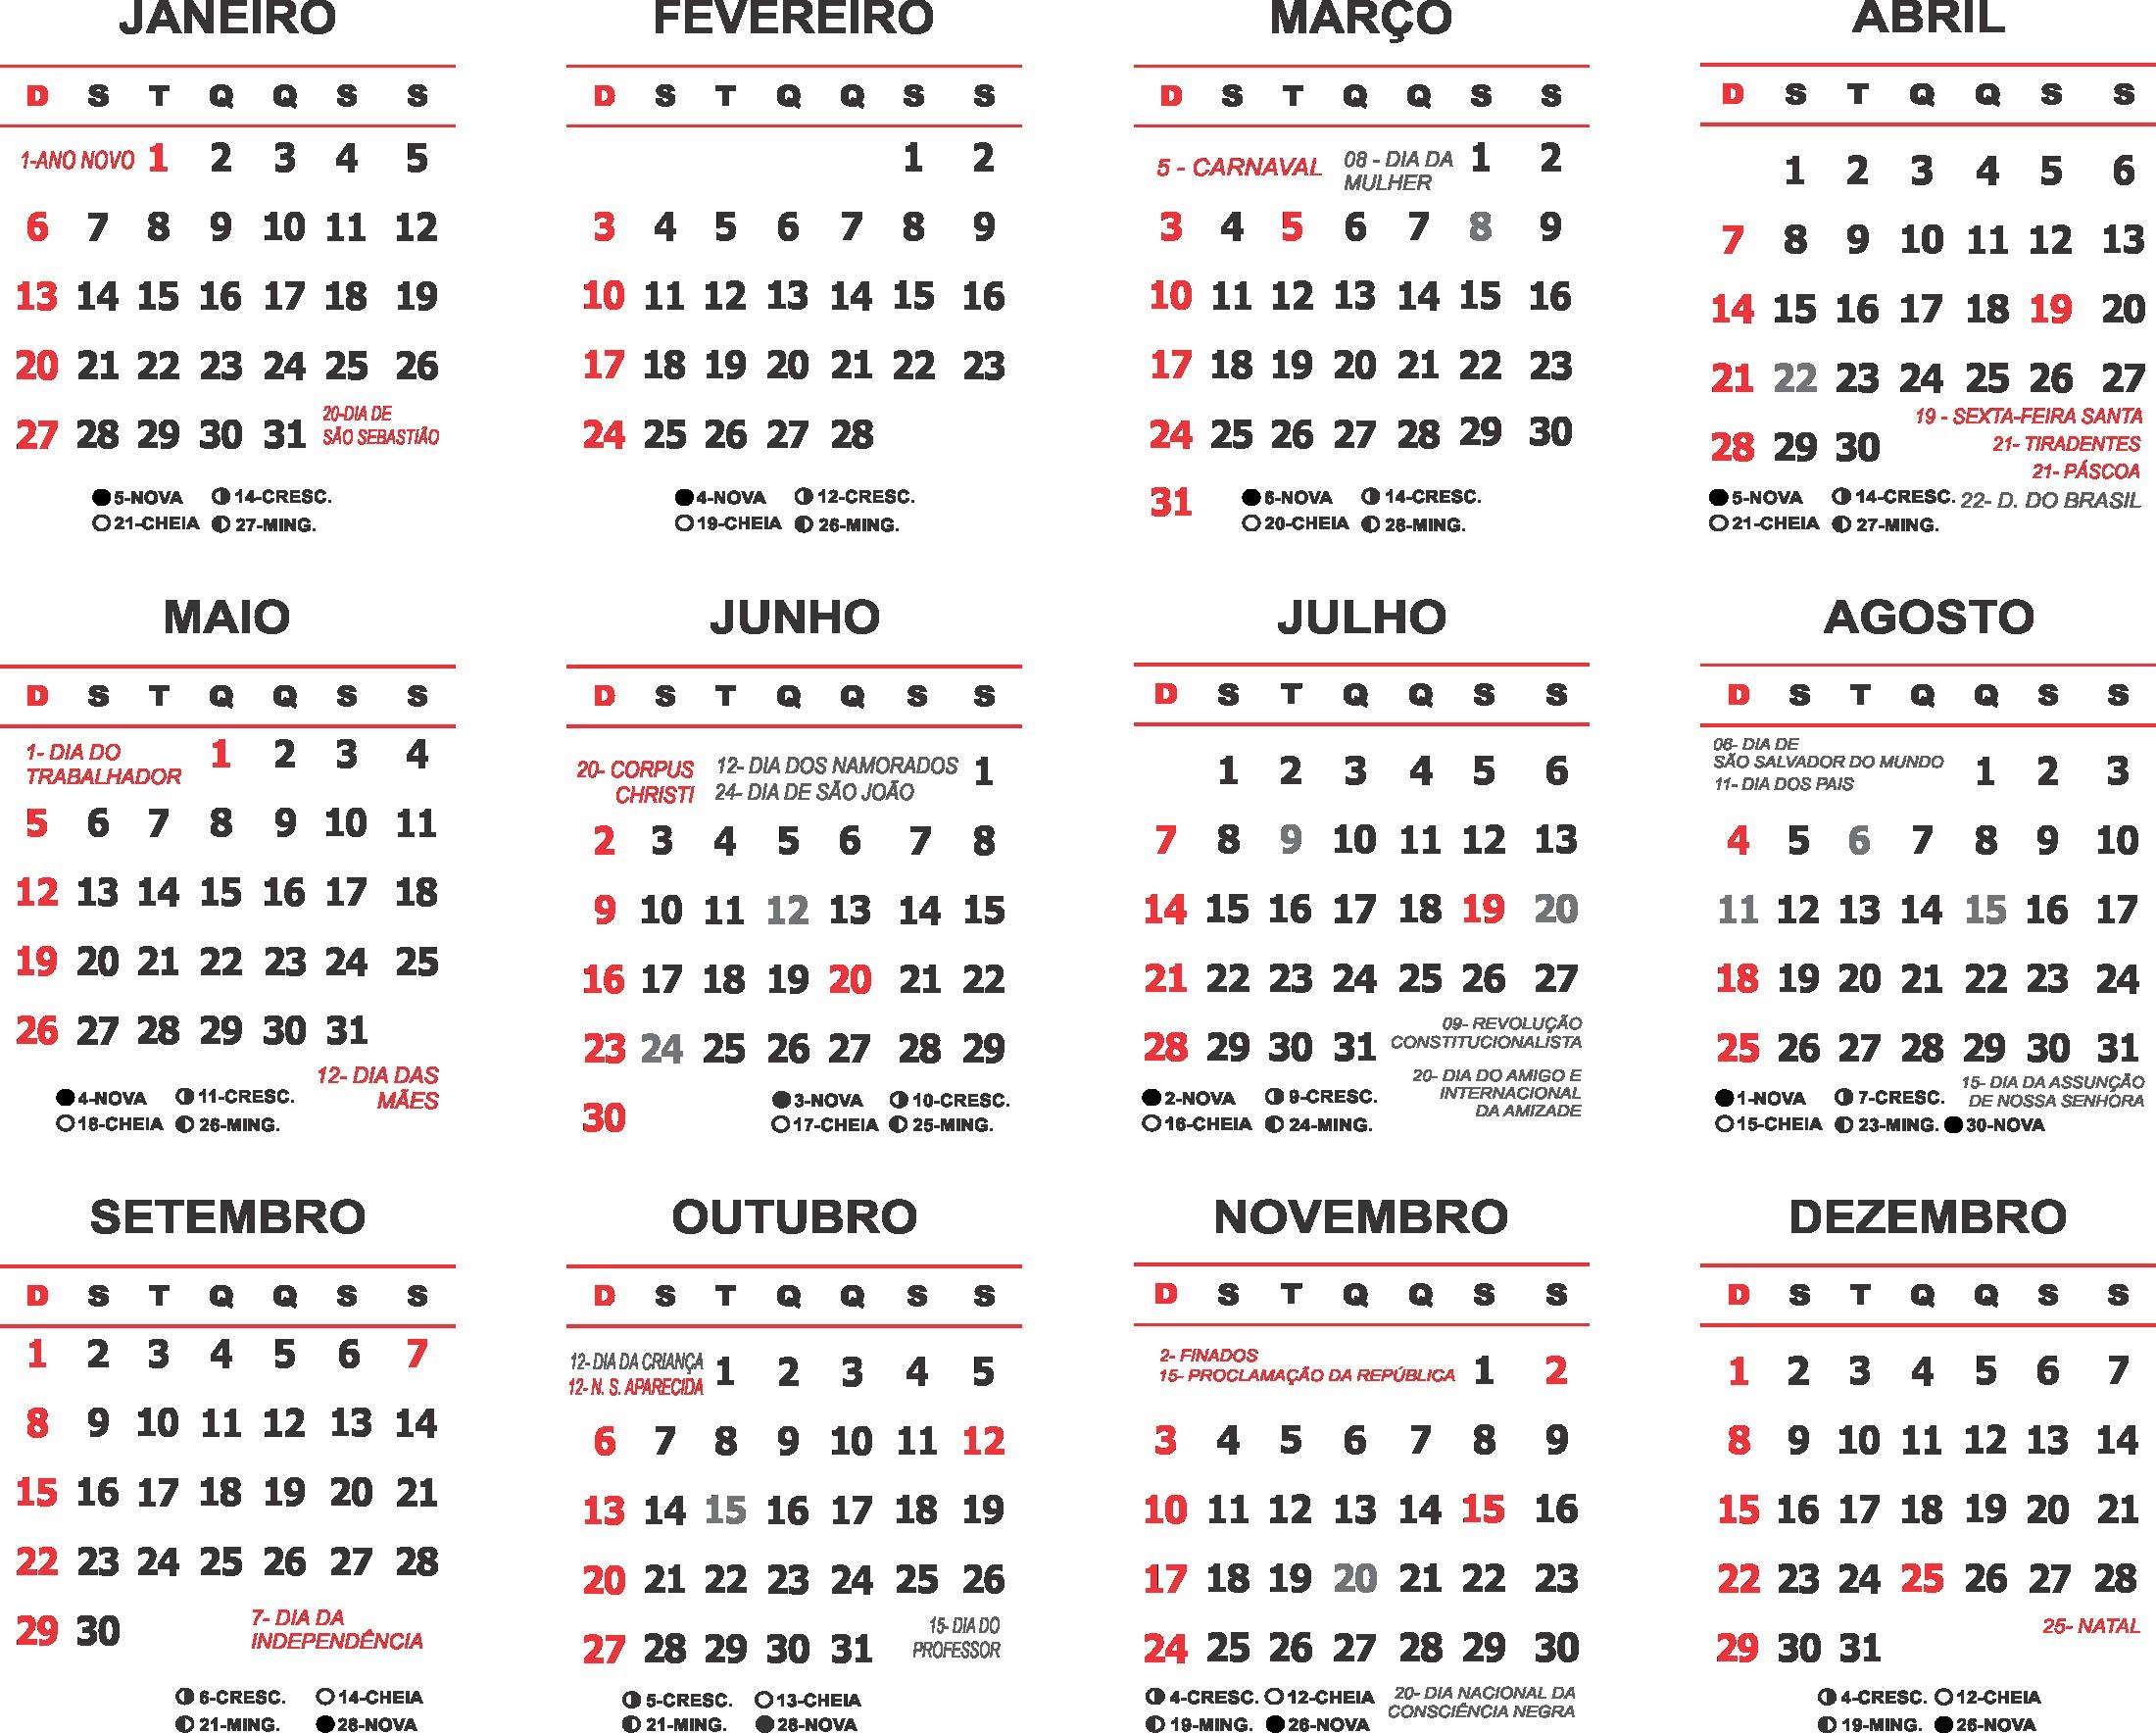 Calendario 2019 Chile Con Feriados Para Imprimir.Es Calendario 2019 En Chile Con Feriados Calendario 2019